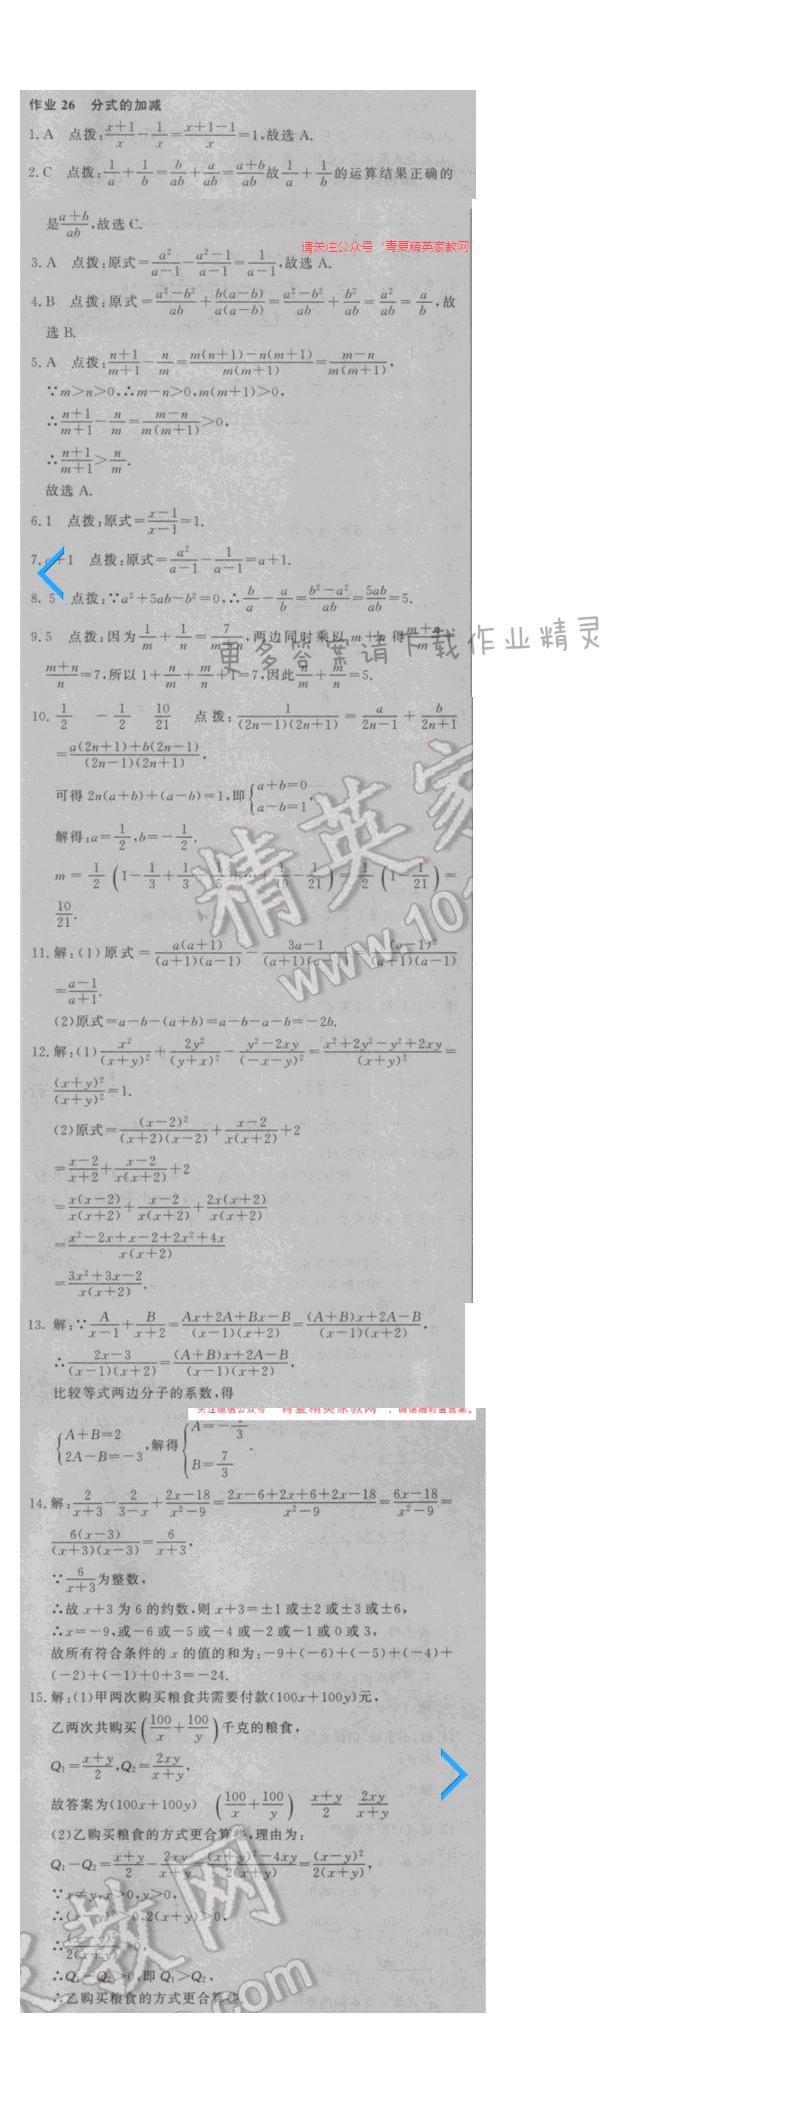 2016年启东中学作业本八年级数学下册江苏版 第十章 作业26